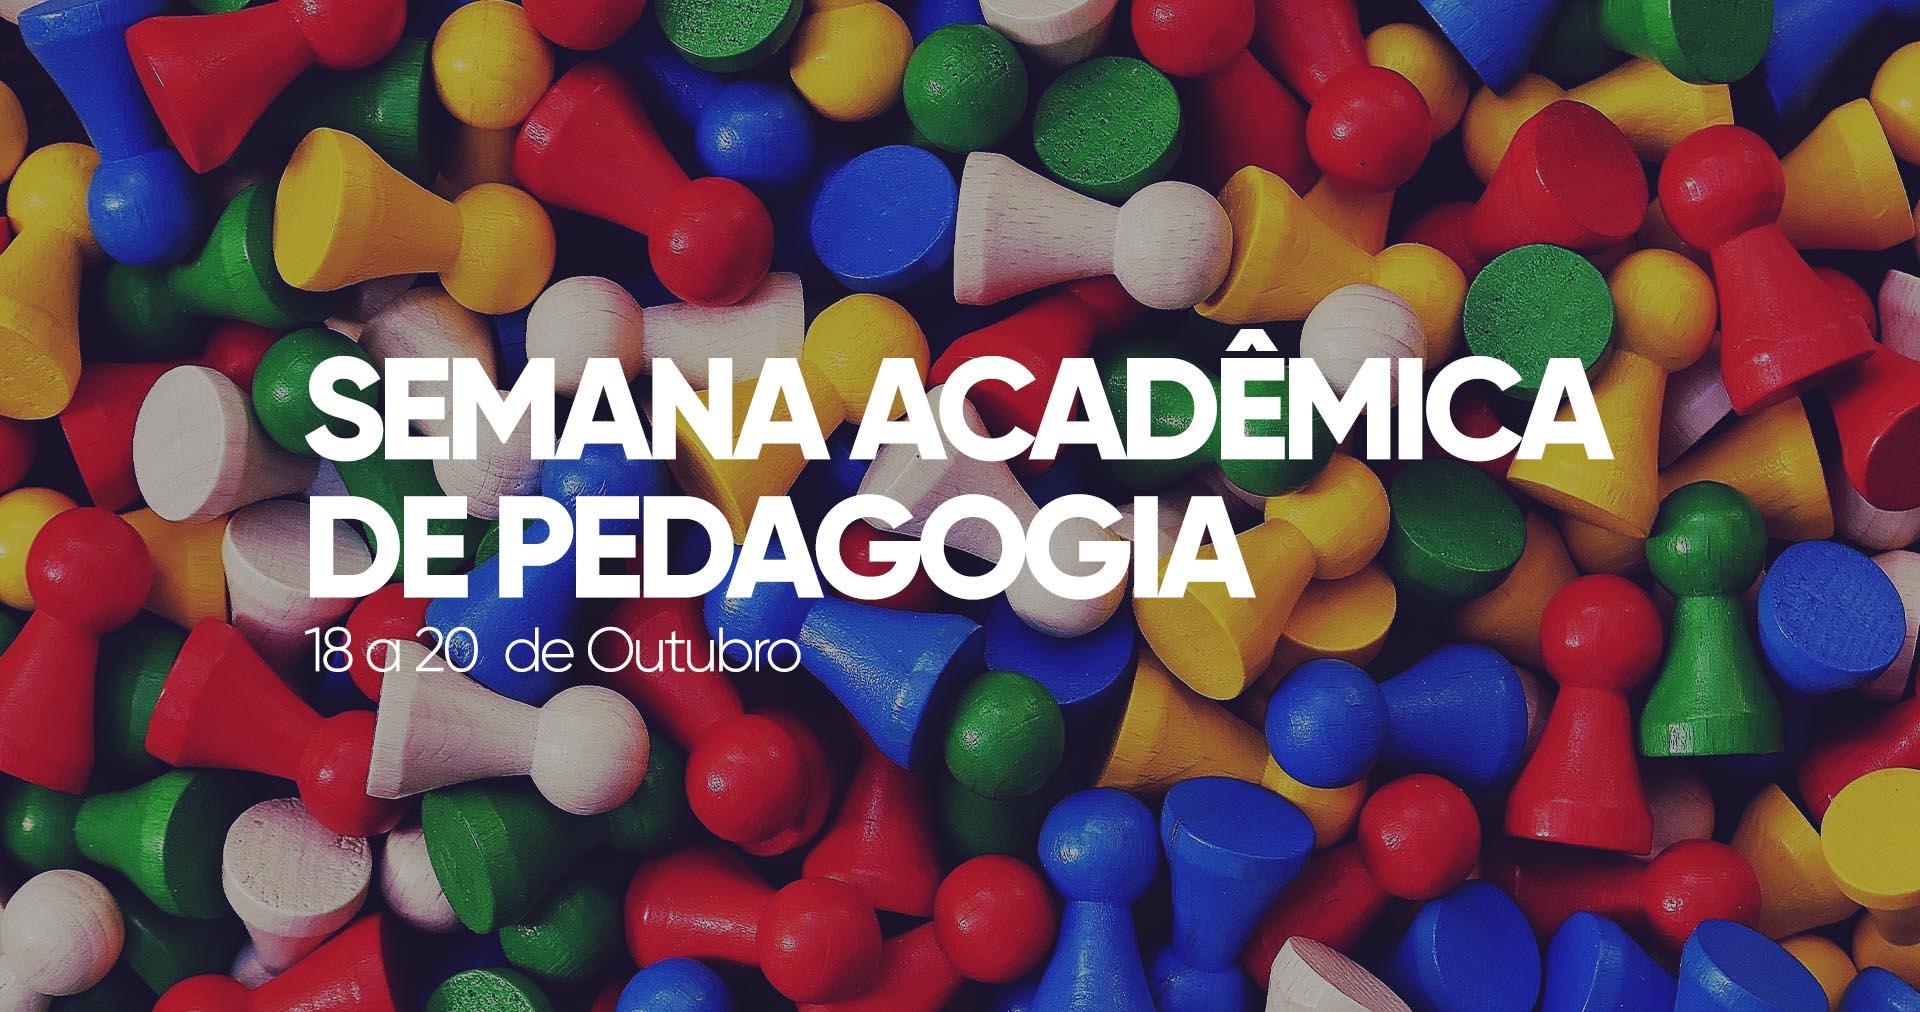 Semana acadêmica de Pedagogia destaca prática profissional